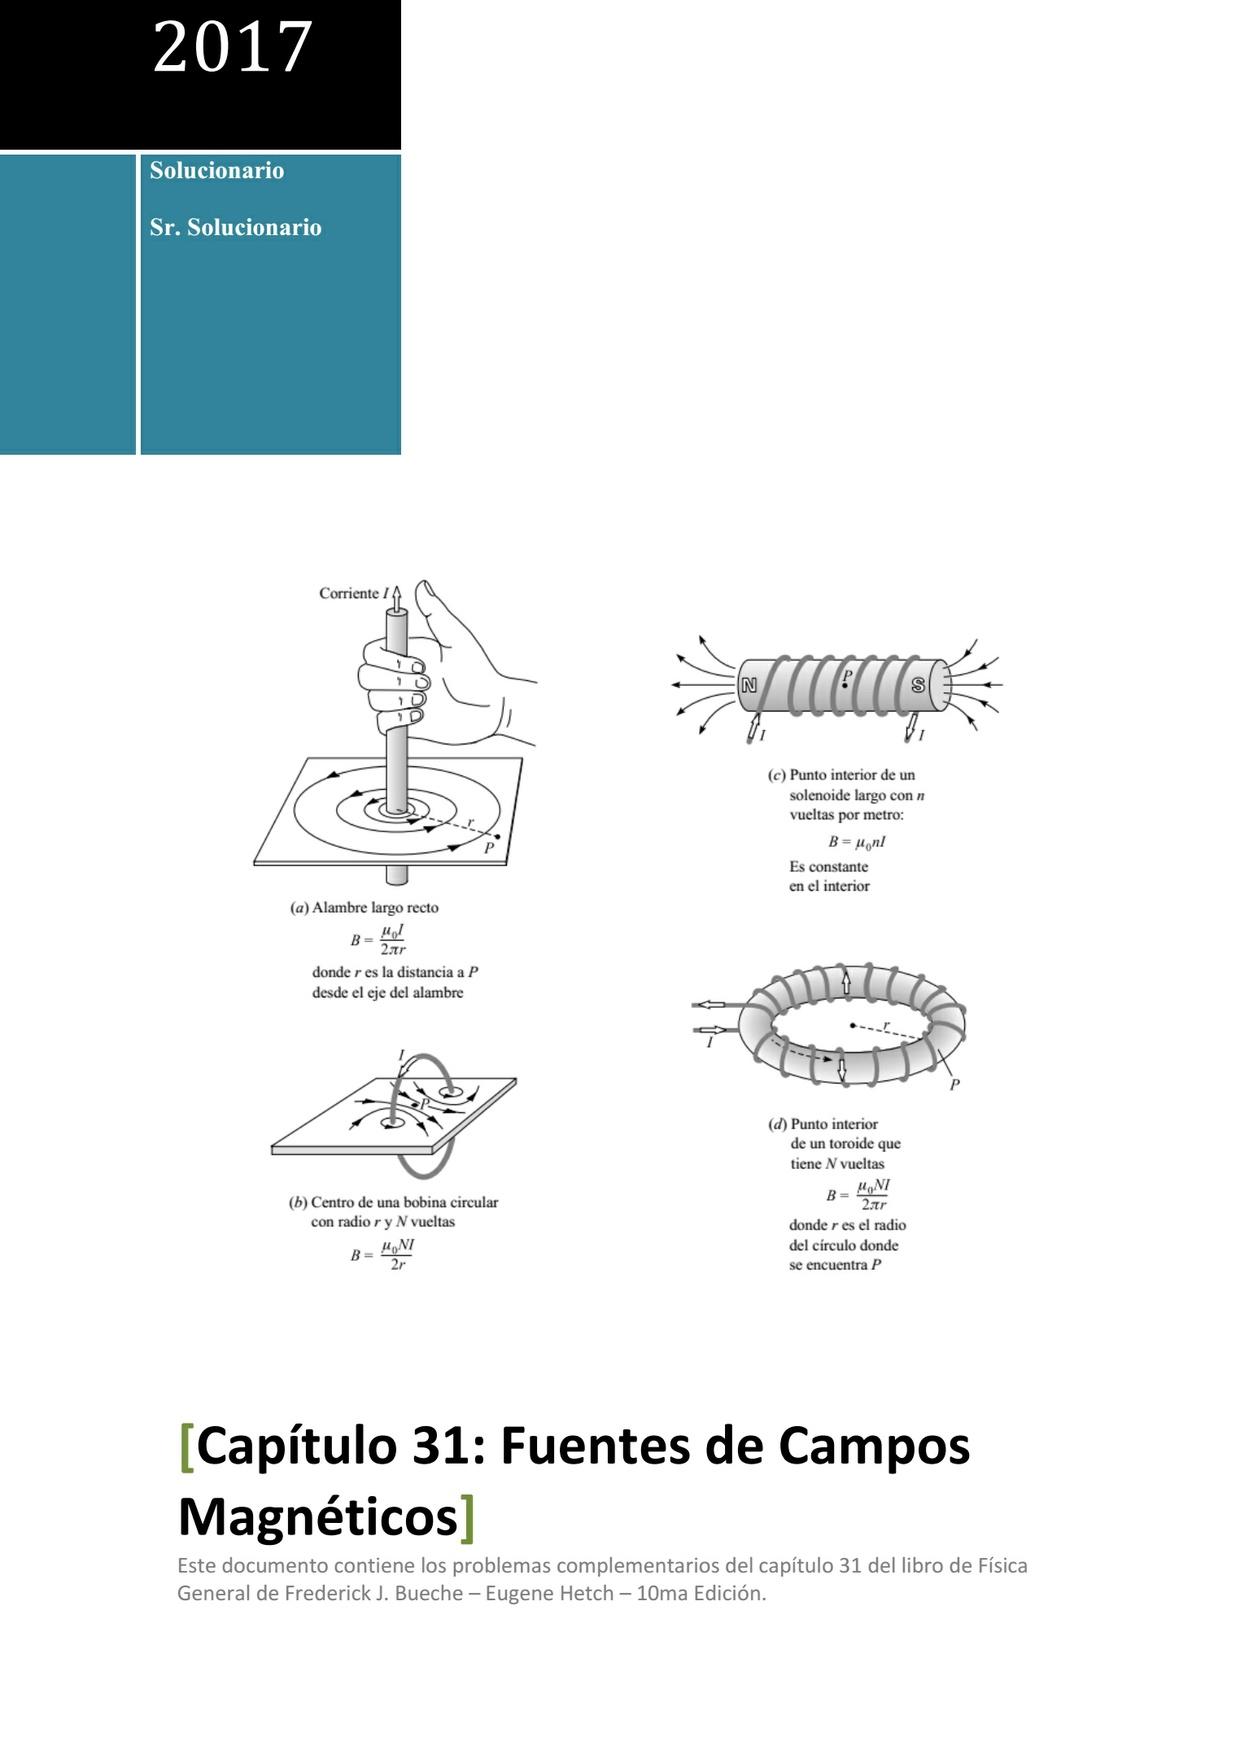 Solucionario de Física General de Schaum - Capítulo 31 - Fuentes de Campos Magnéticos